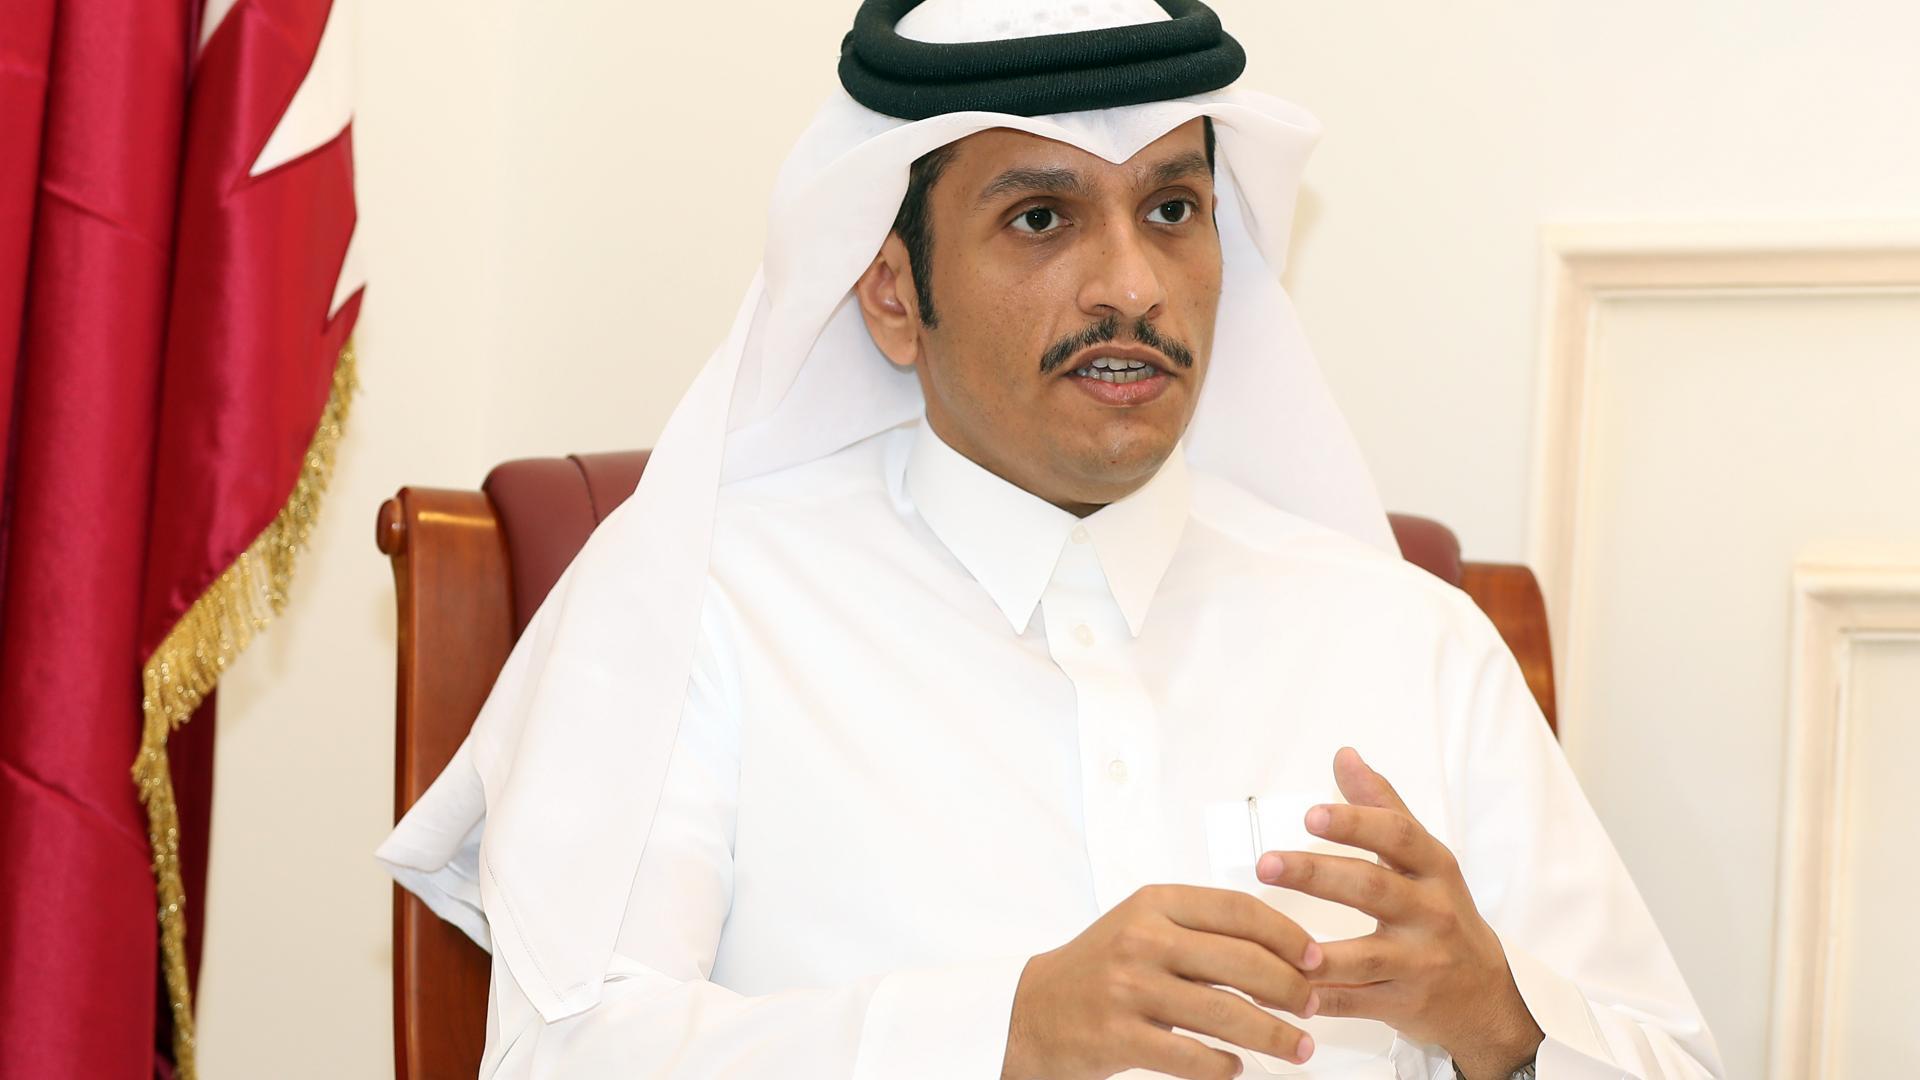 وزير خارجية قطر يتحدث عن أمرين يجب إيجادهما لتحقيق السلام بالشرق الأوسط